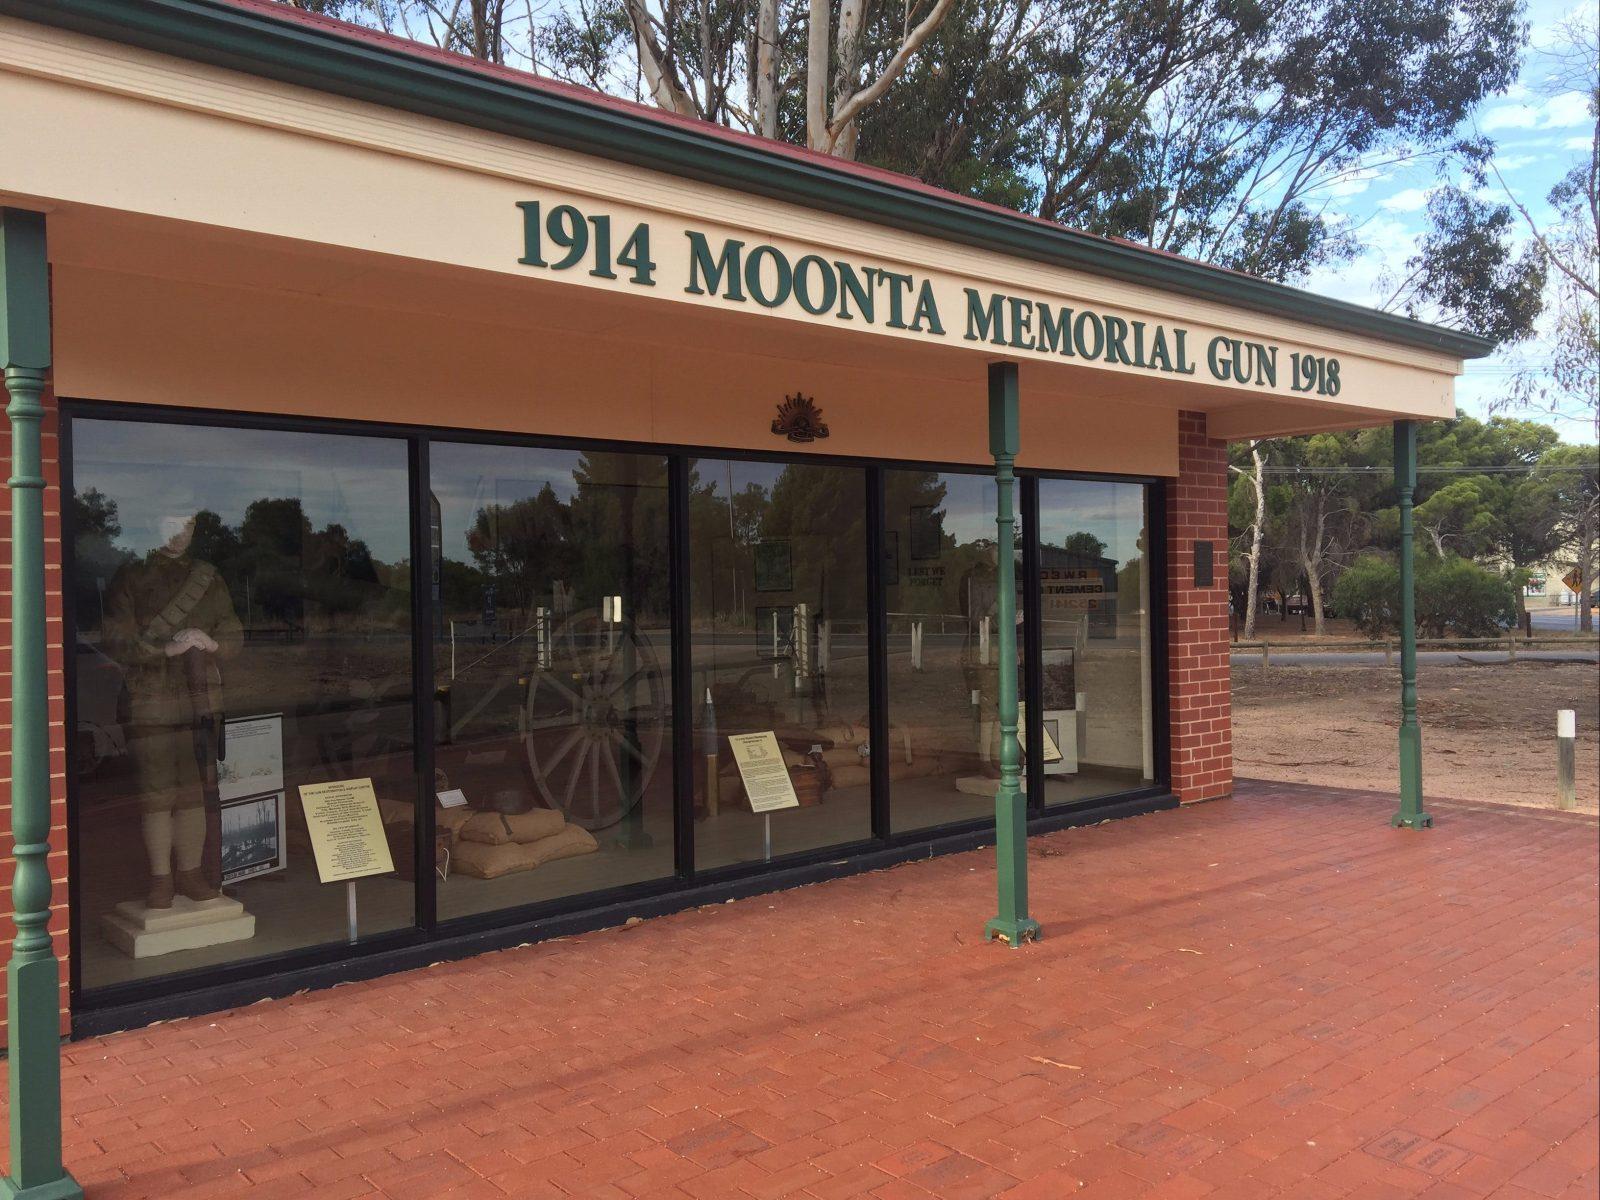 1914 Moonta Memorial Gun 1918